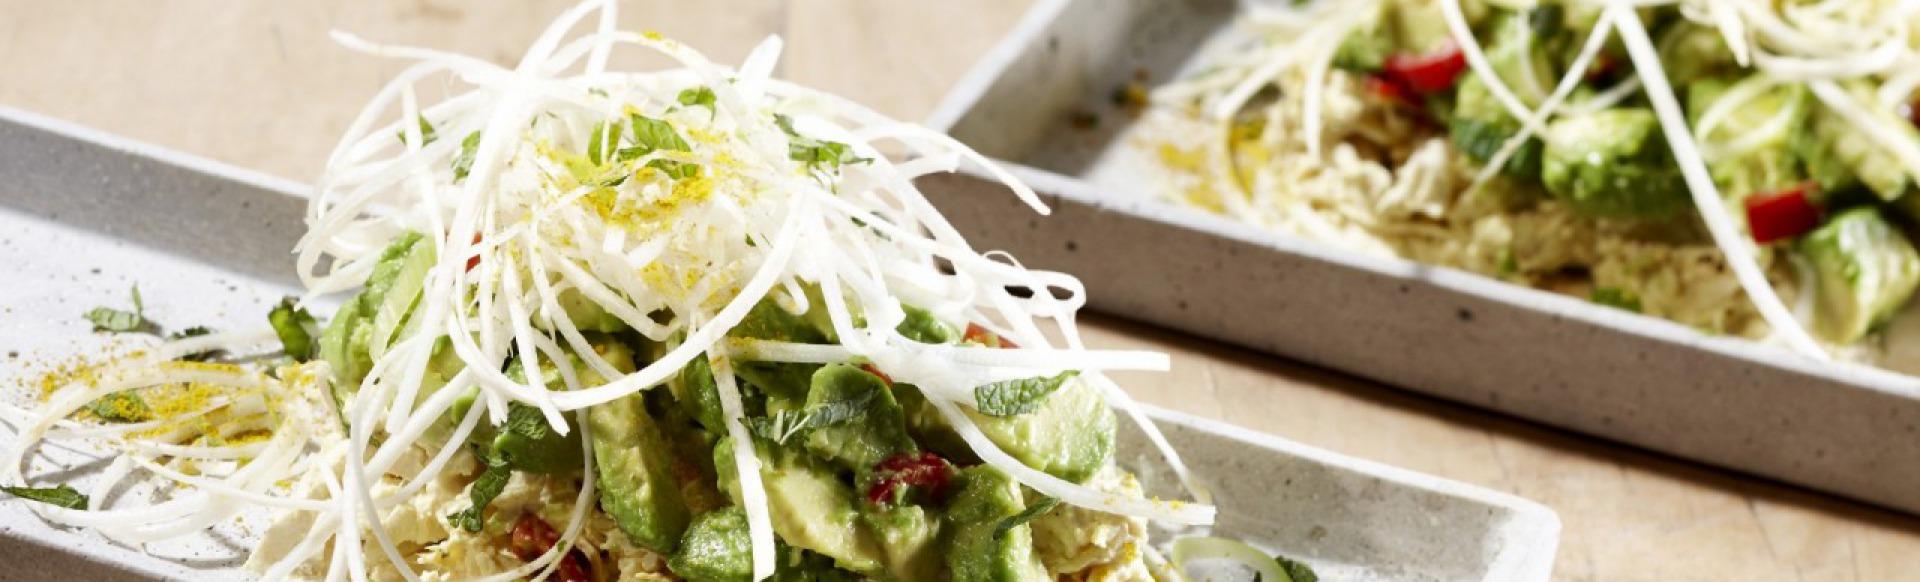 Saladeschotels